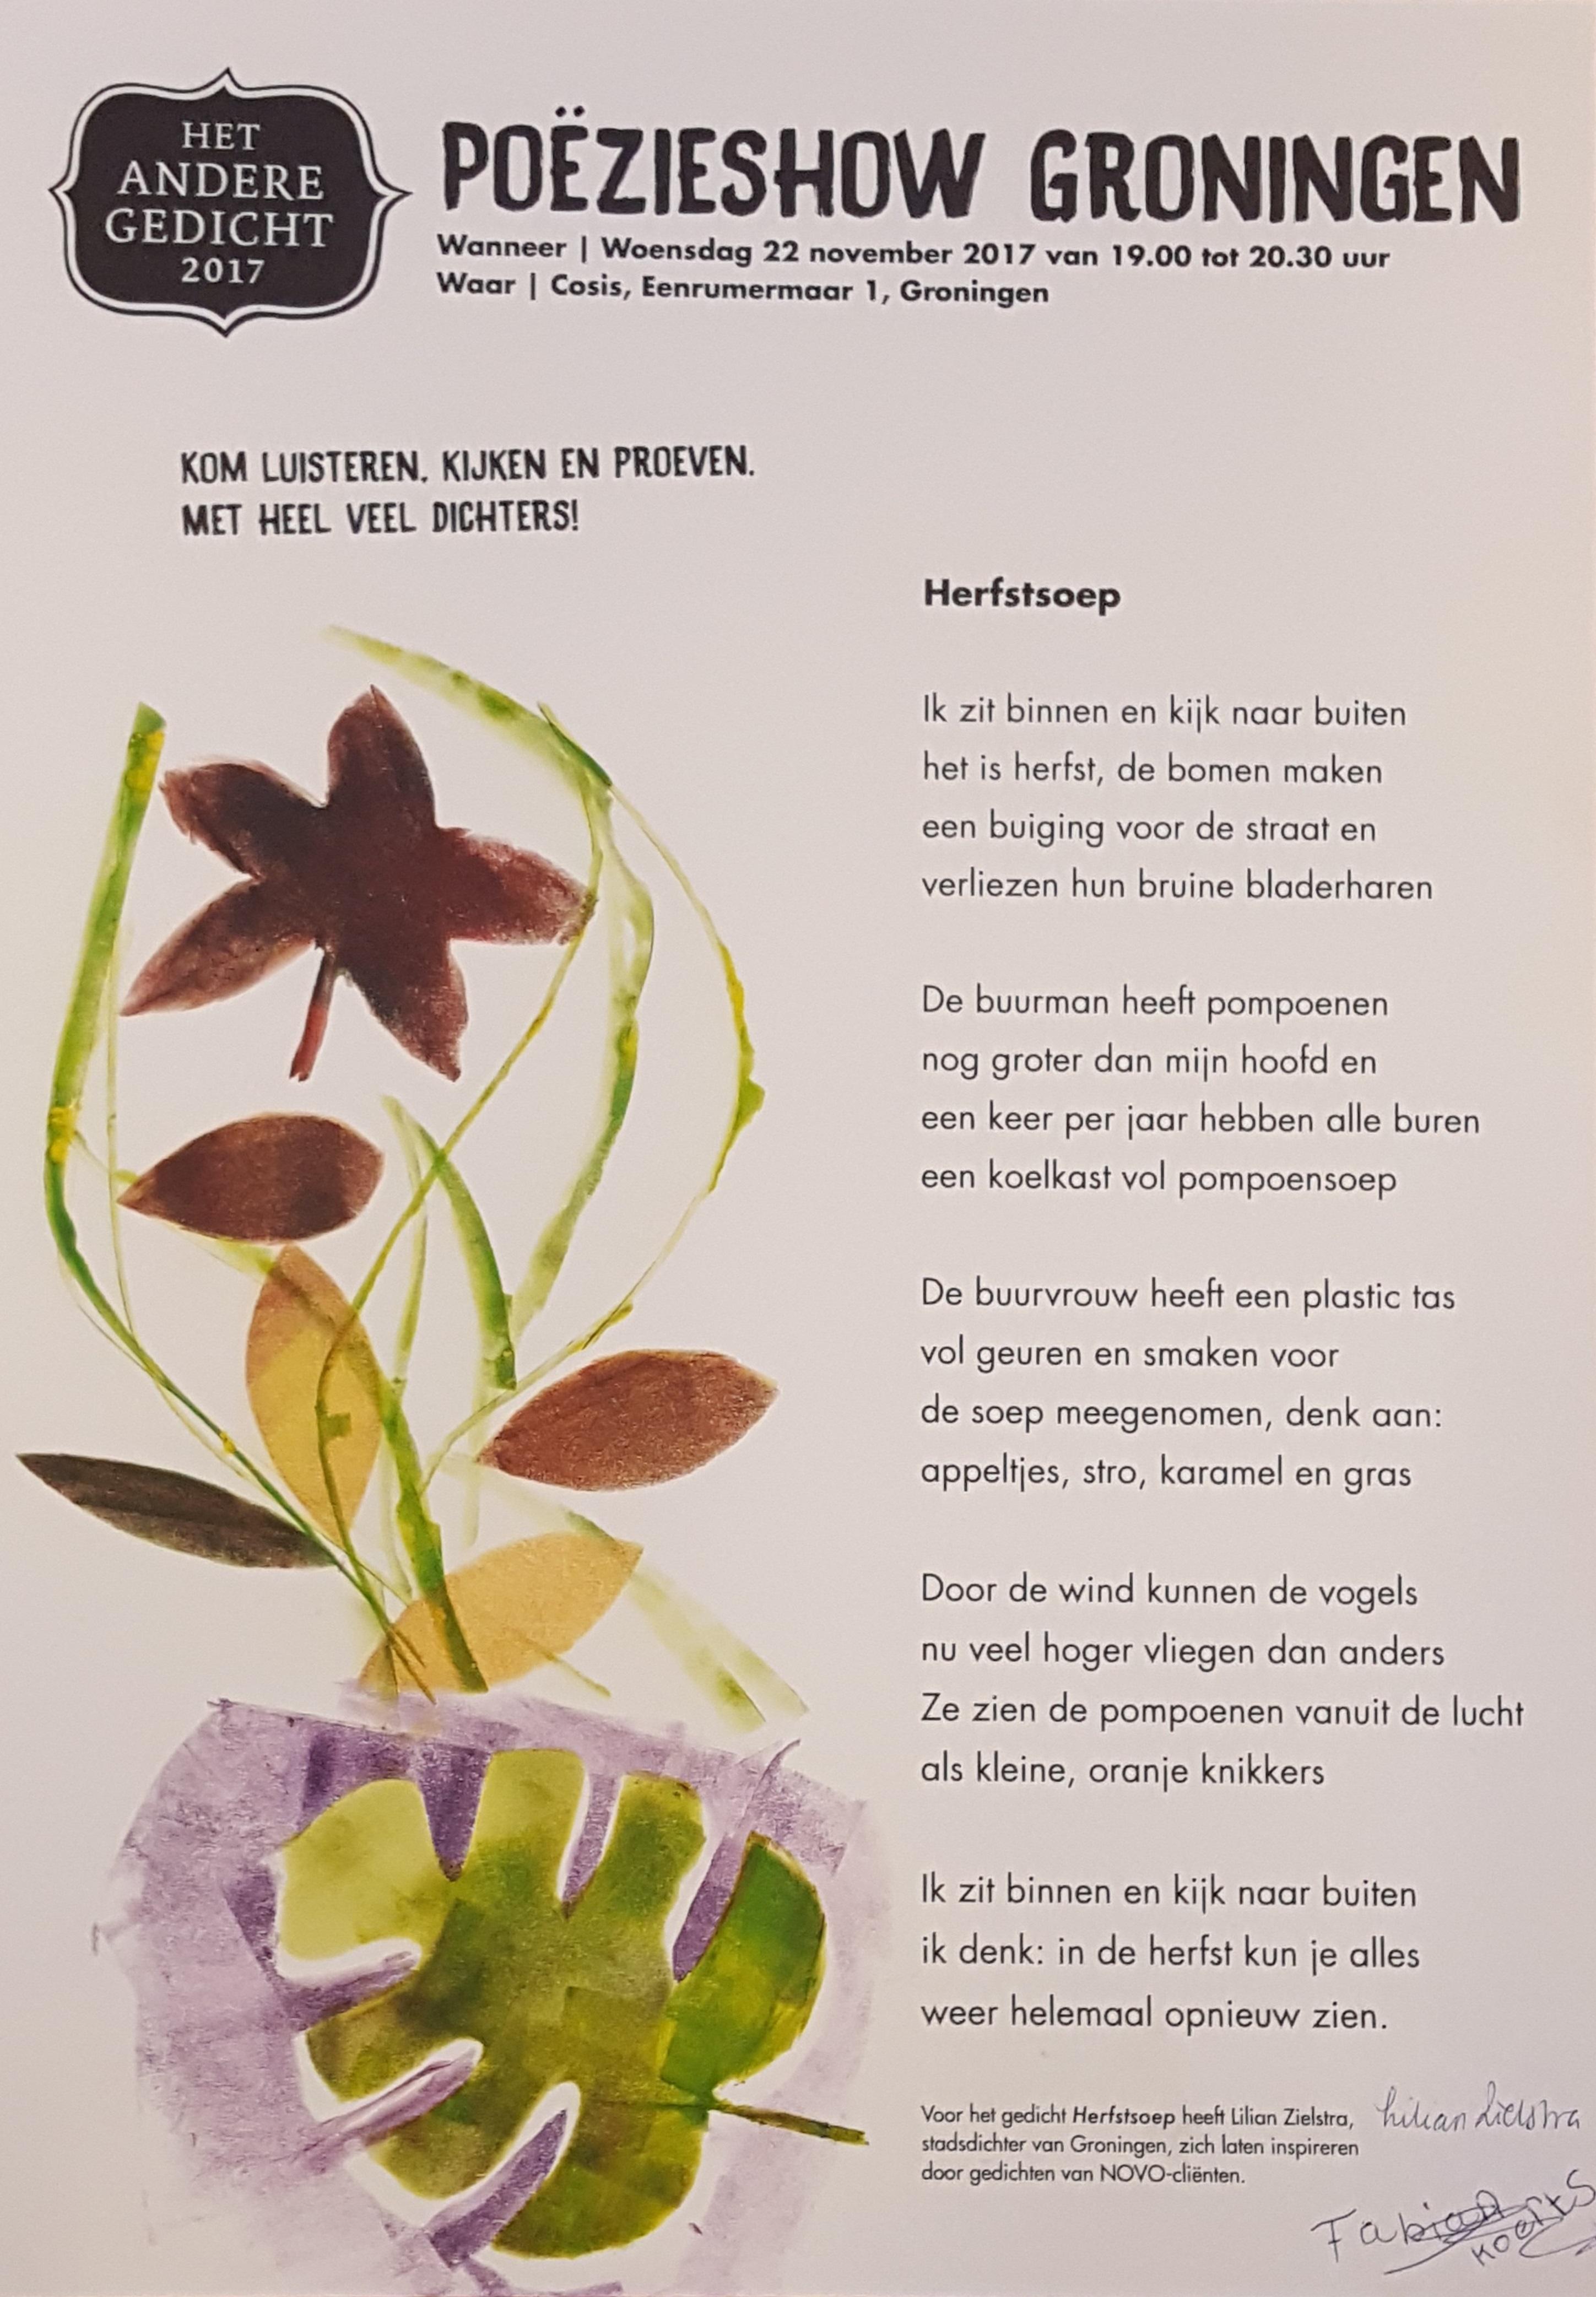 Poëzieshow Het Andere Gedicht Groningen